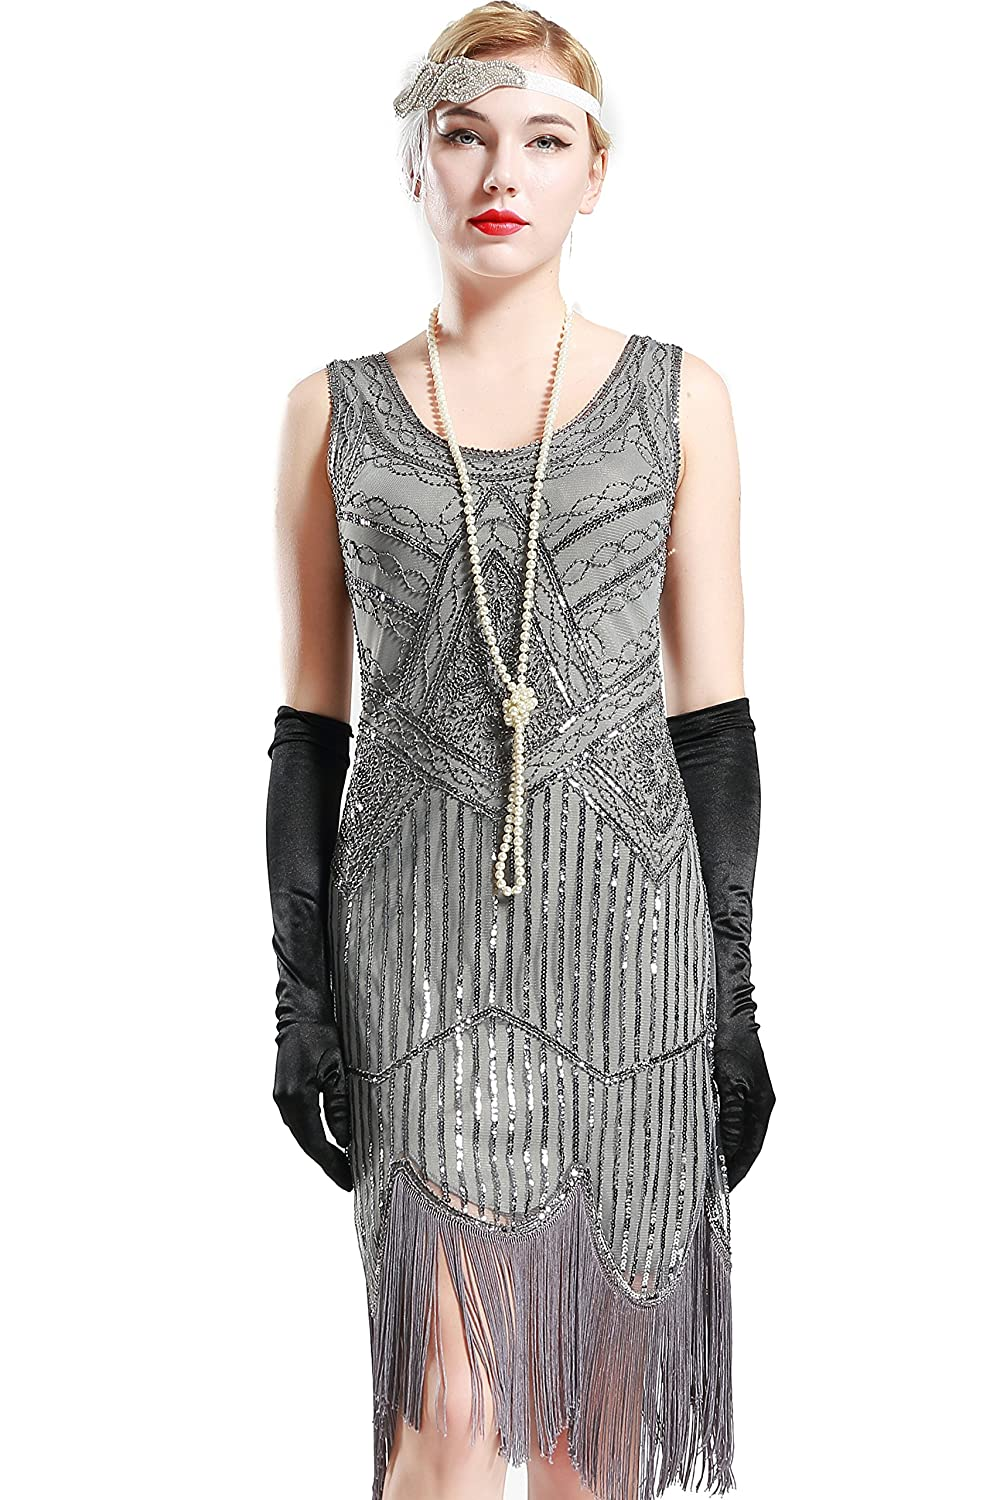 BABEYOND 1920s Art Deco Fringed Flapper Dress Embellished Sequined ...